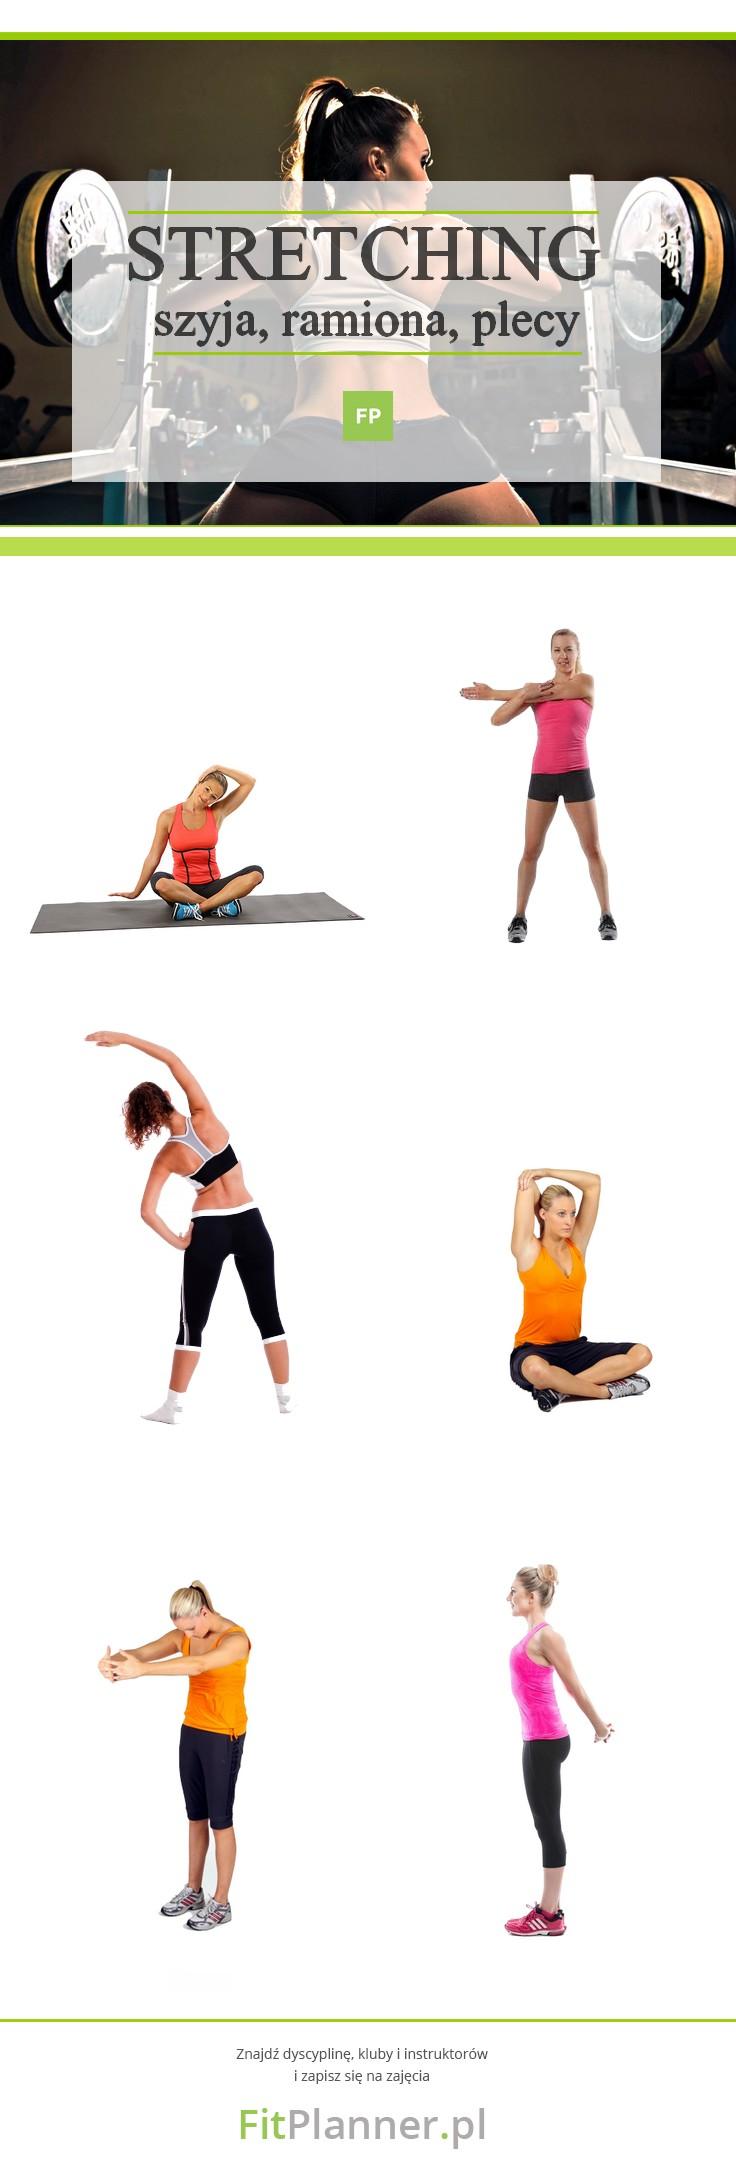 Stretching - ćwiczenia rozciągające na szyję, ramiona i plecy